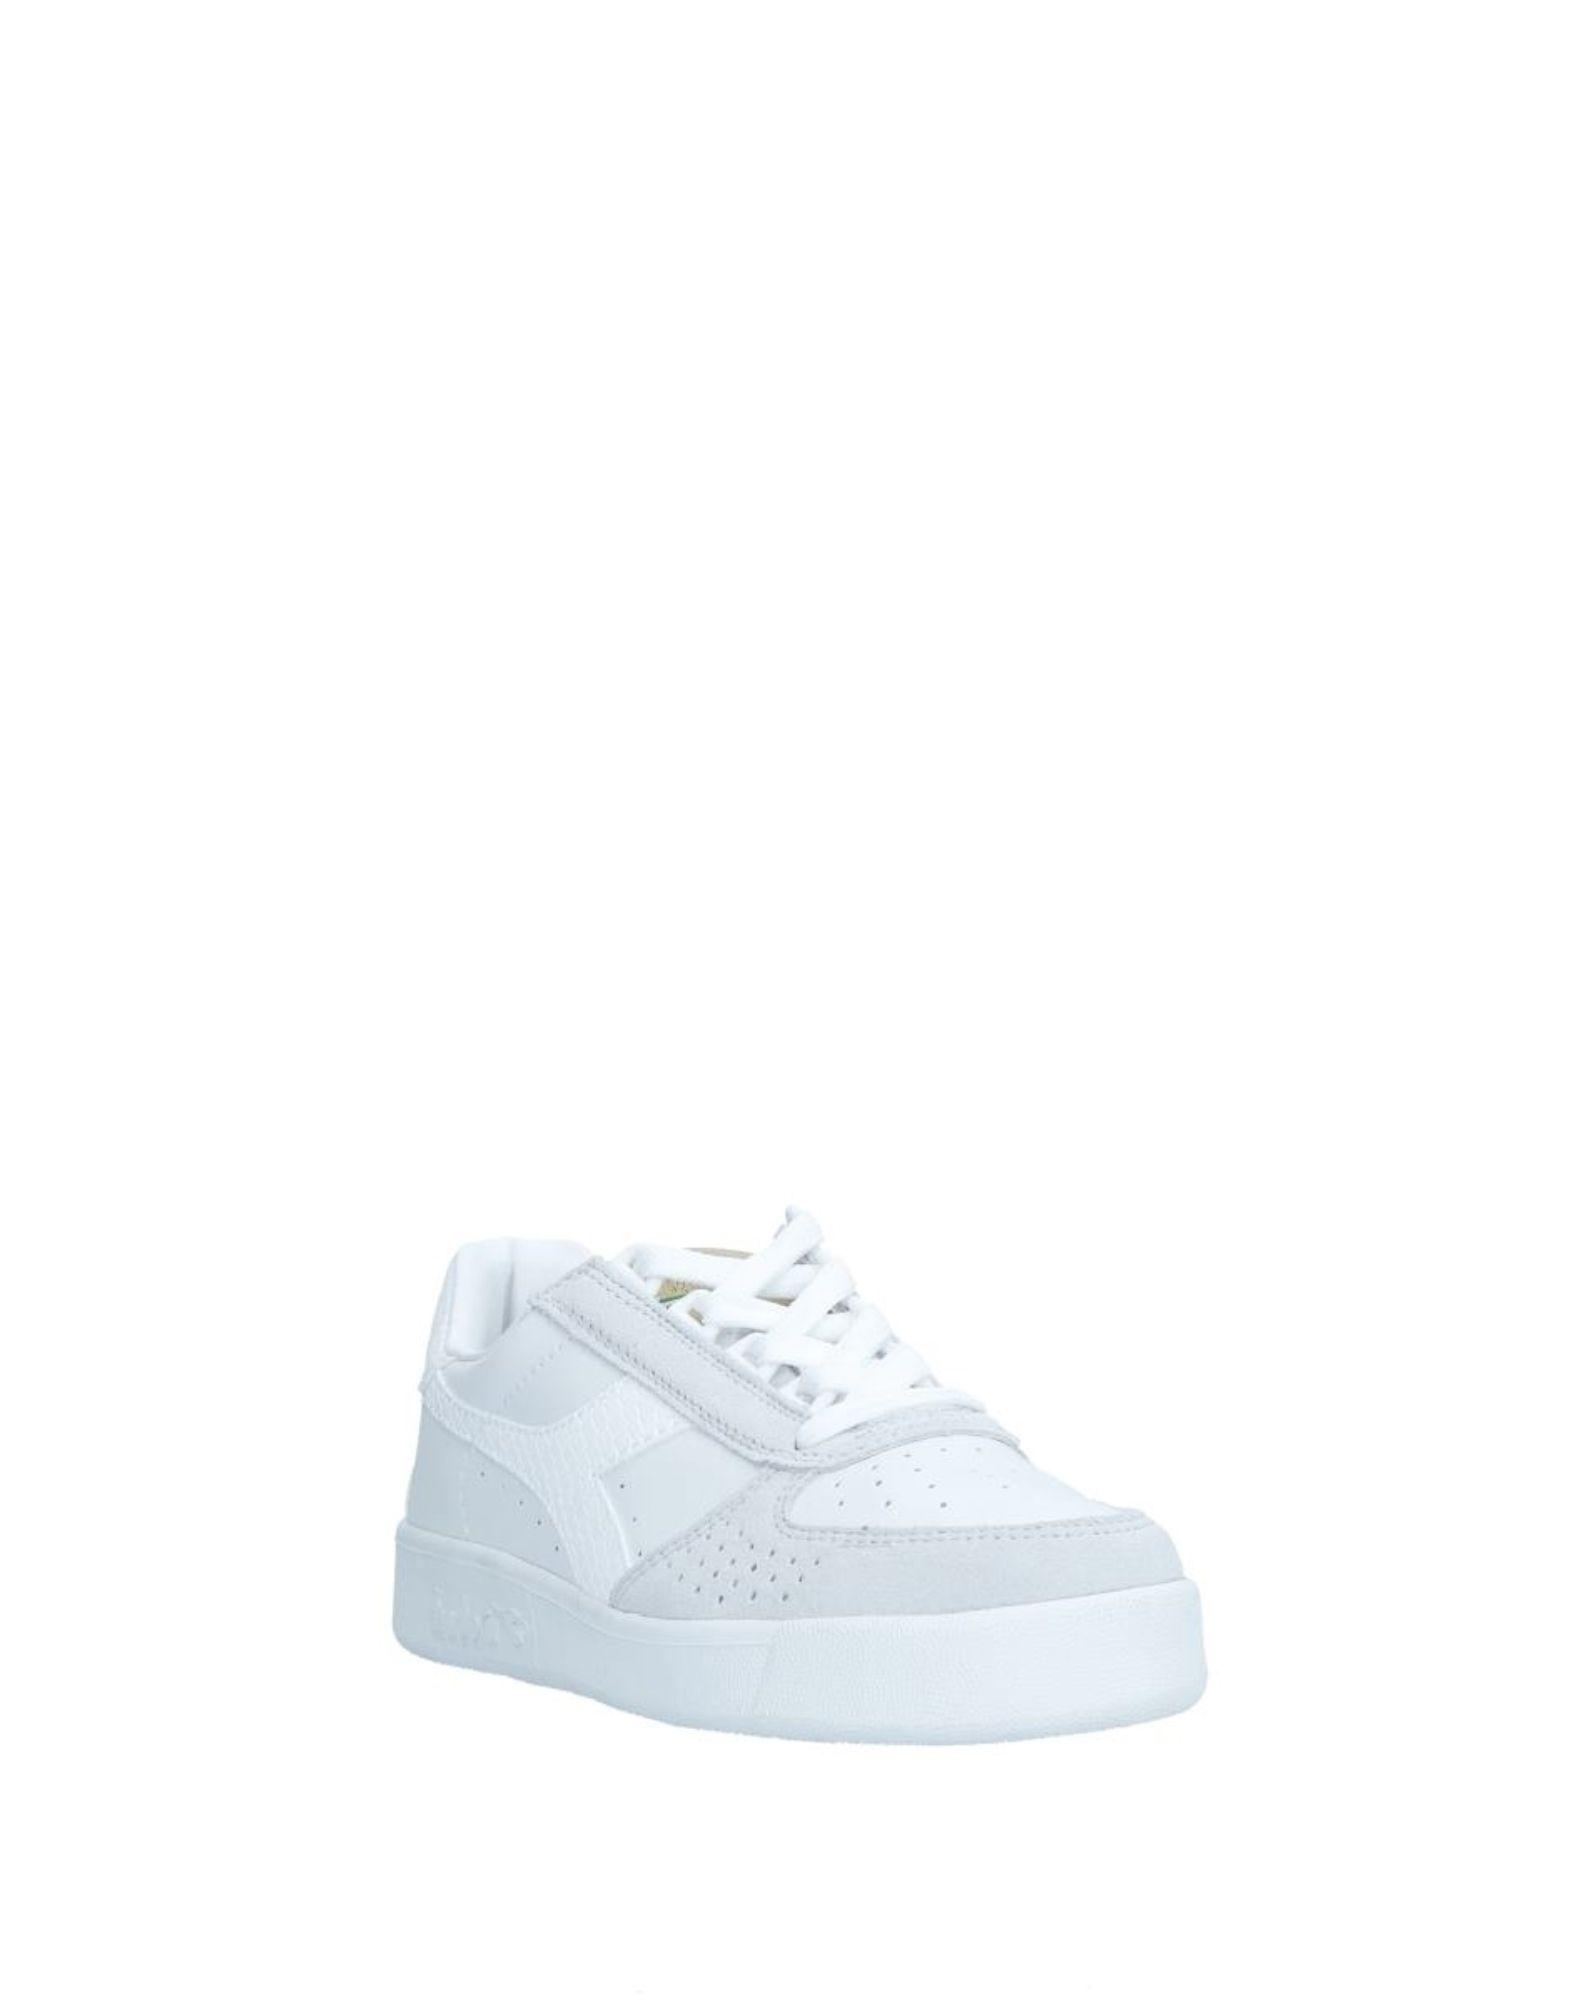 Diadora Sneakers Qualität Damen  11547070FL Gute Qualität Sneakers beliebte Schuhe 1a8f6e